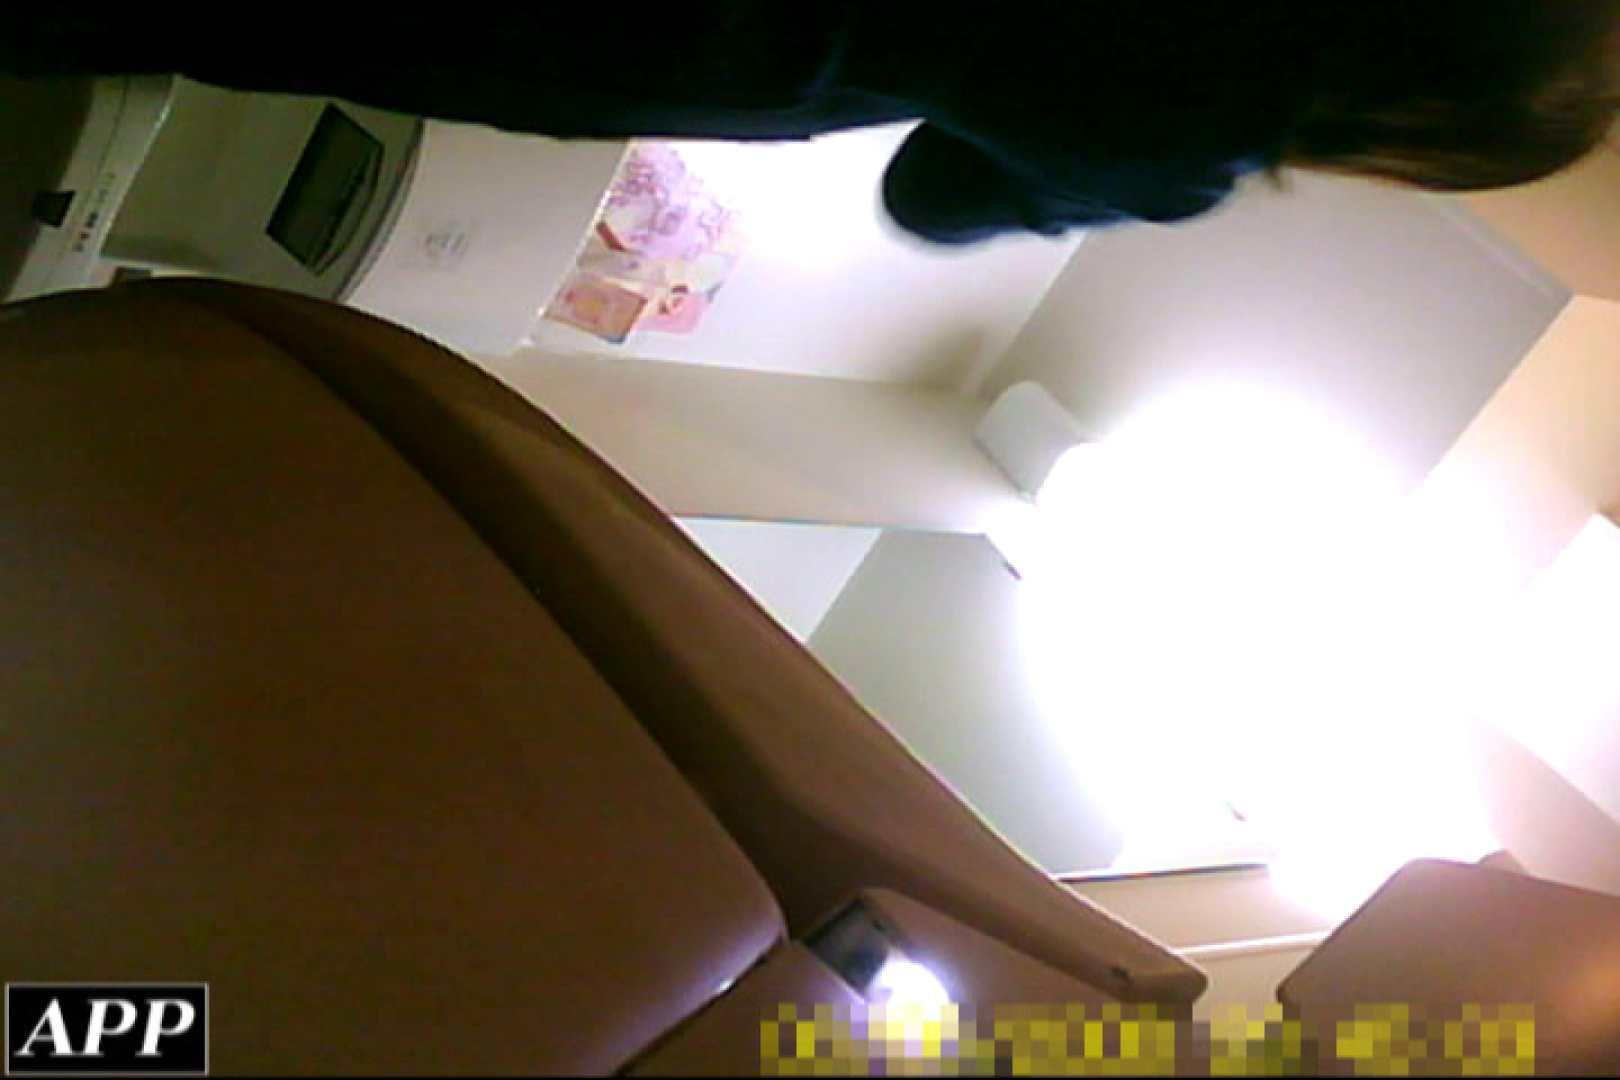 3視点洗面所 vol.61 OLの実態 盗撮動画紹介 59pic 50